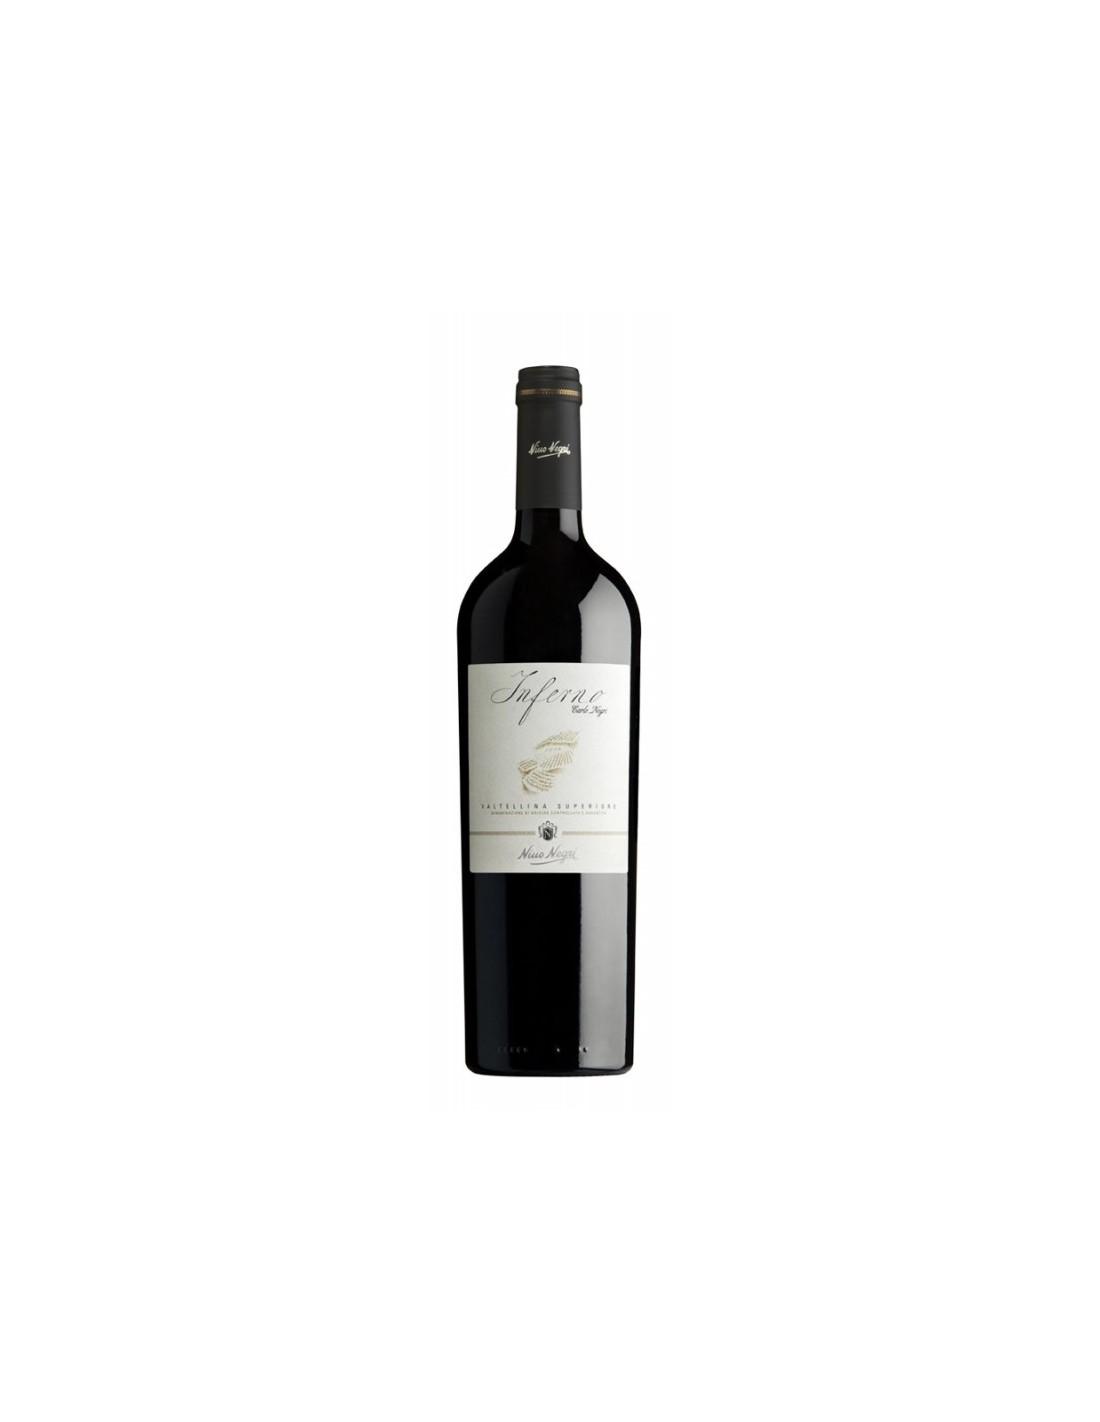 Vin rosu, Nebbiolo, Inferno Valtellina, 0.75L, 13.5% alc., Italia